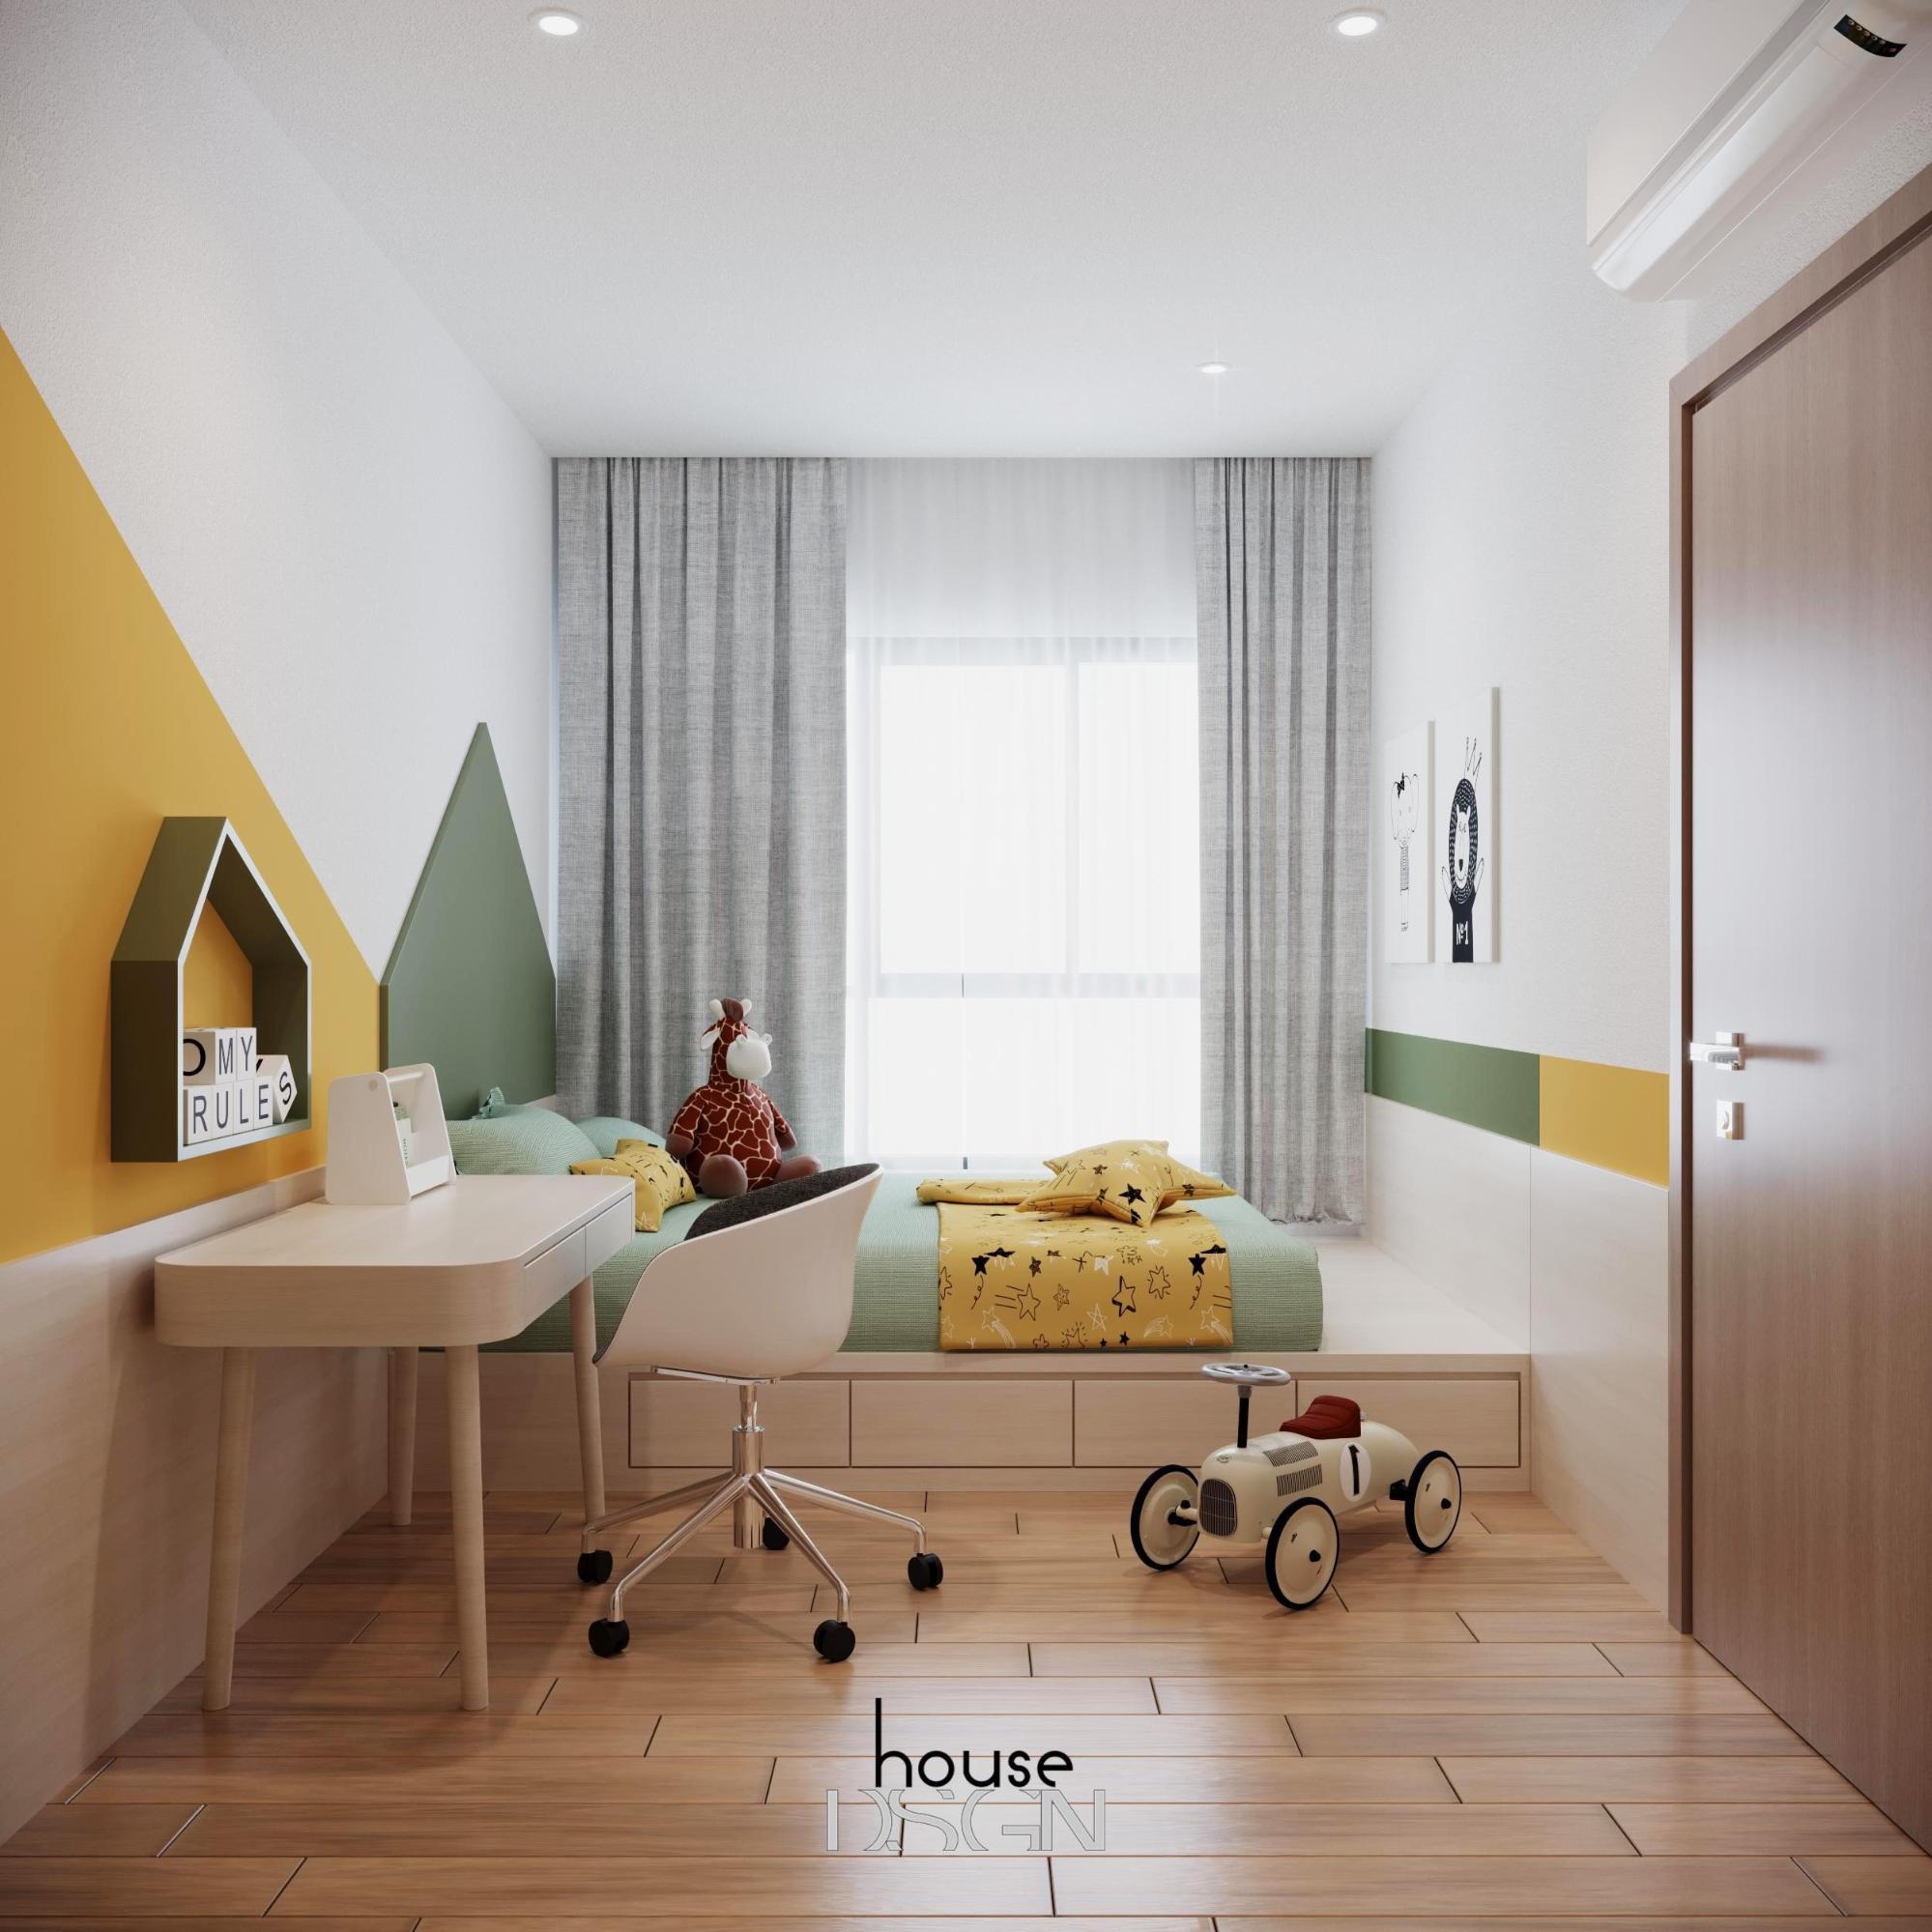 thiết kế nội thất phòng ngủ sang trọng cho bé trai - Housedesign